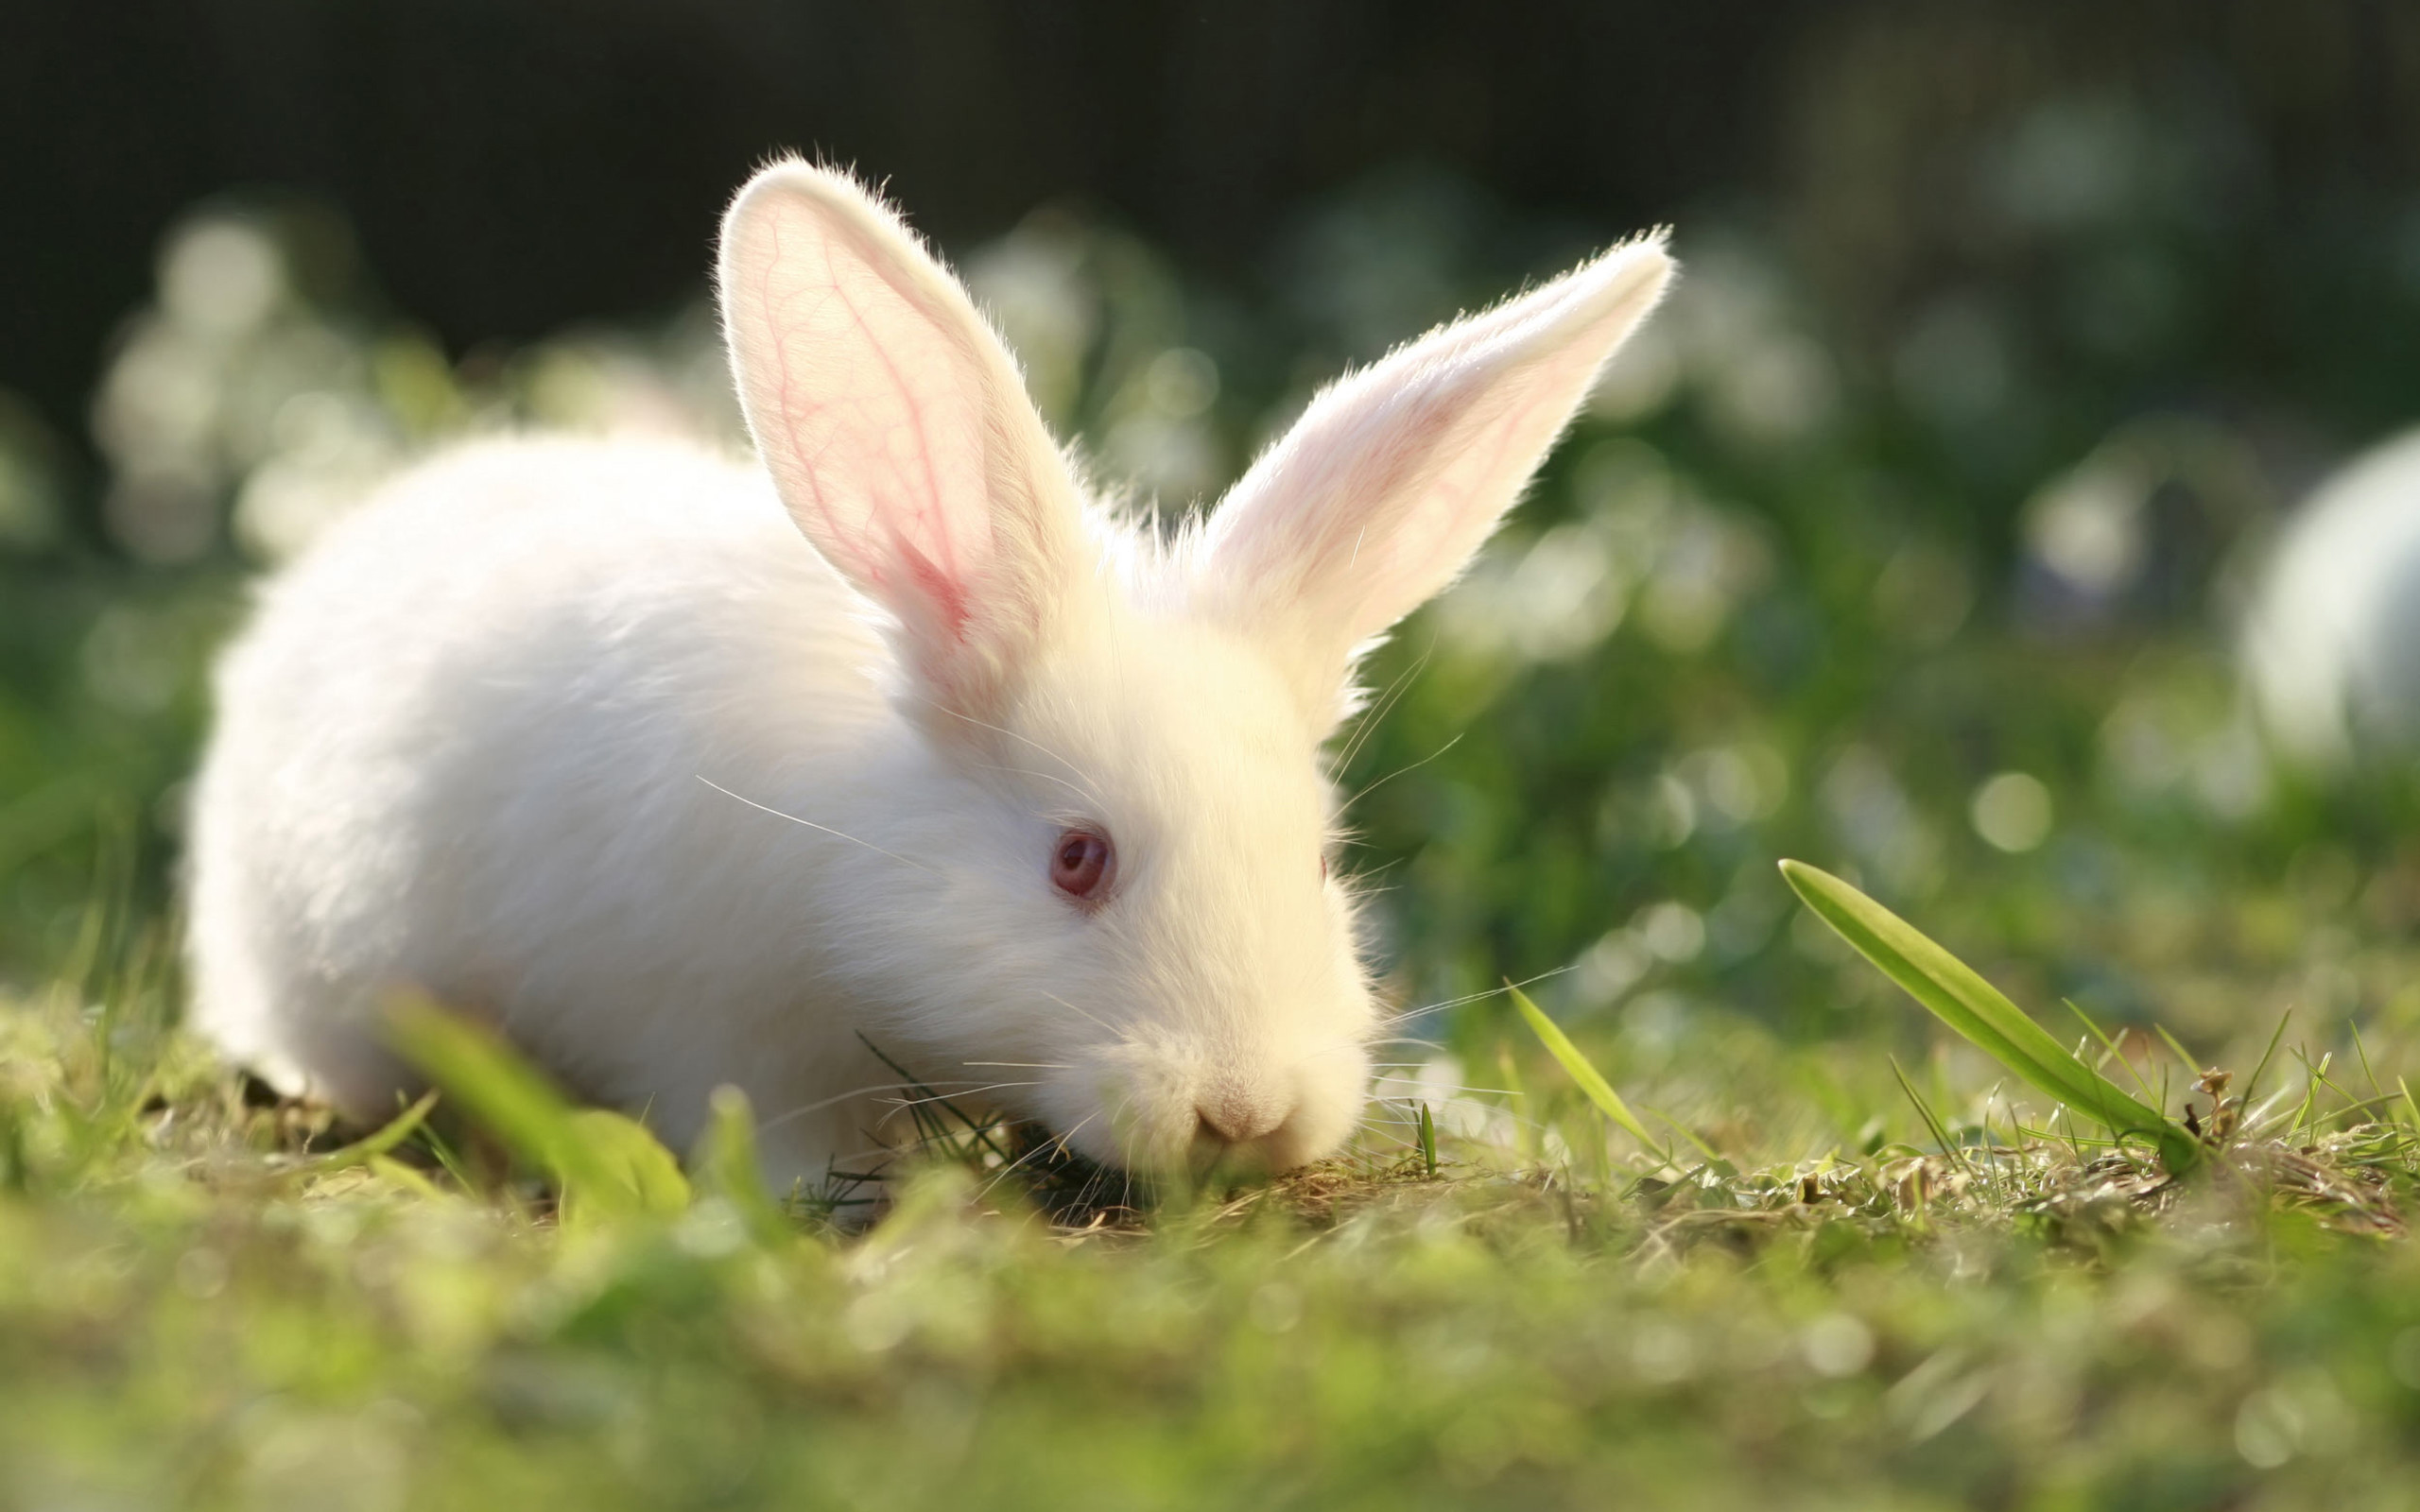 Ảnh con Thỏ trắng dễ thương